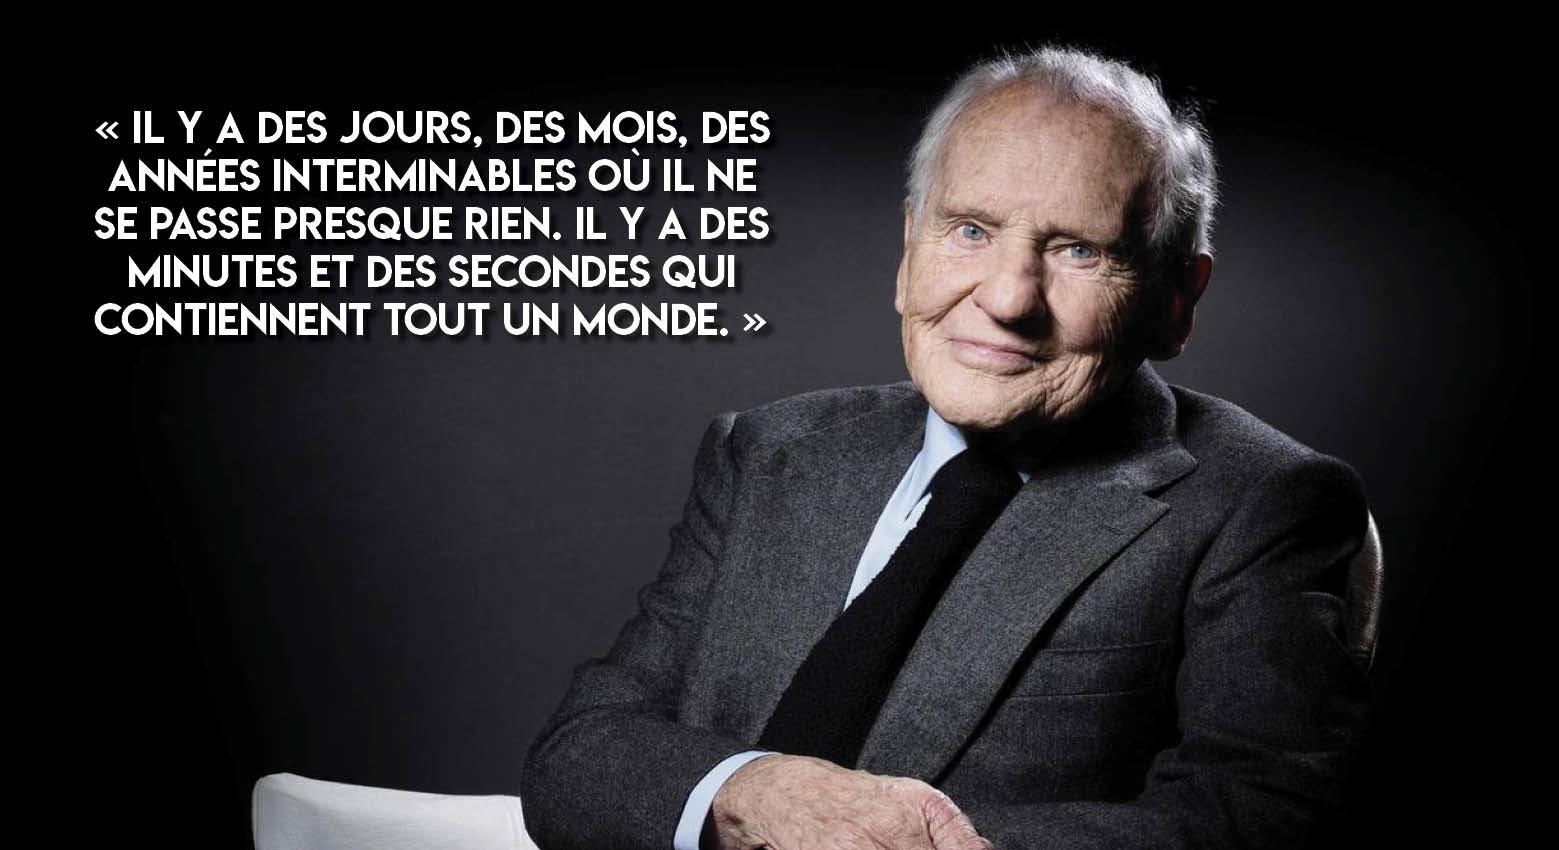 Jean-Ormesson